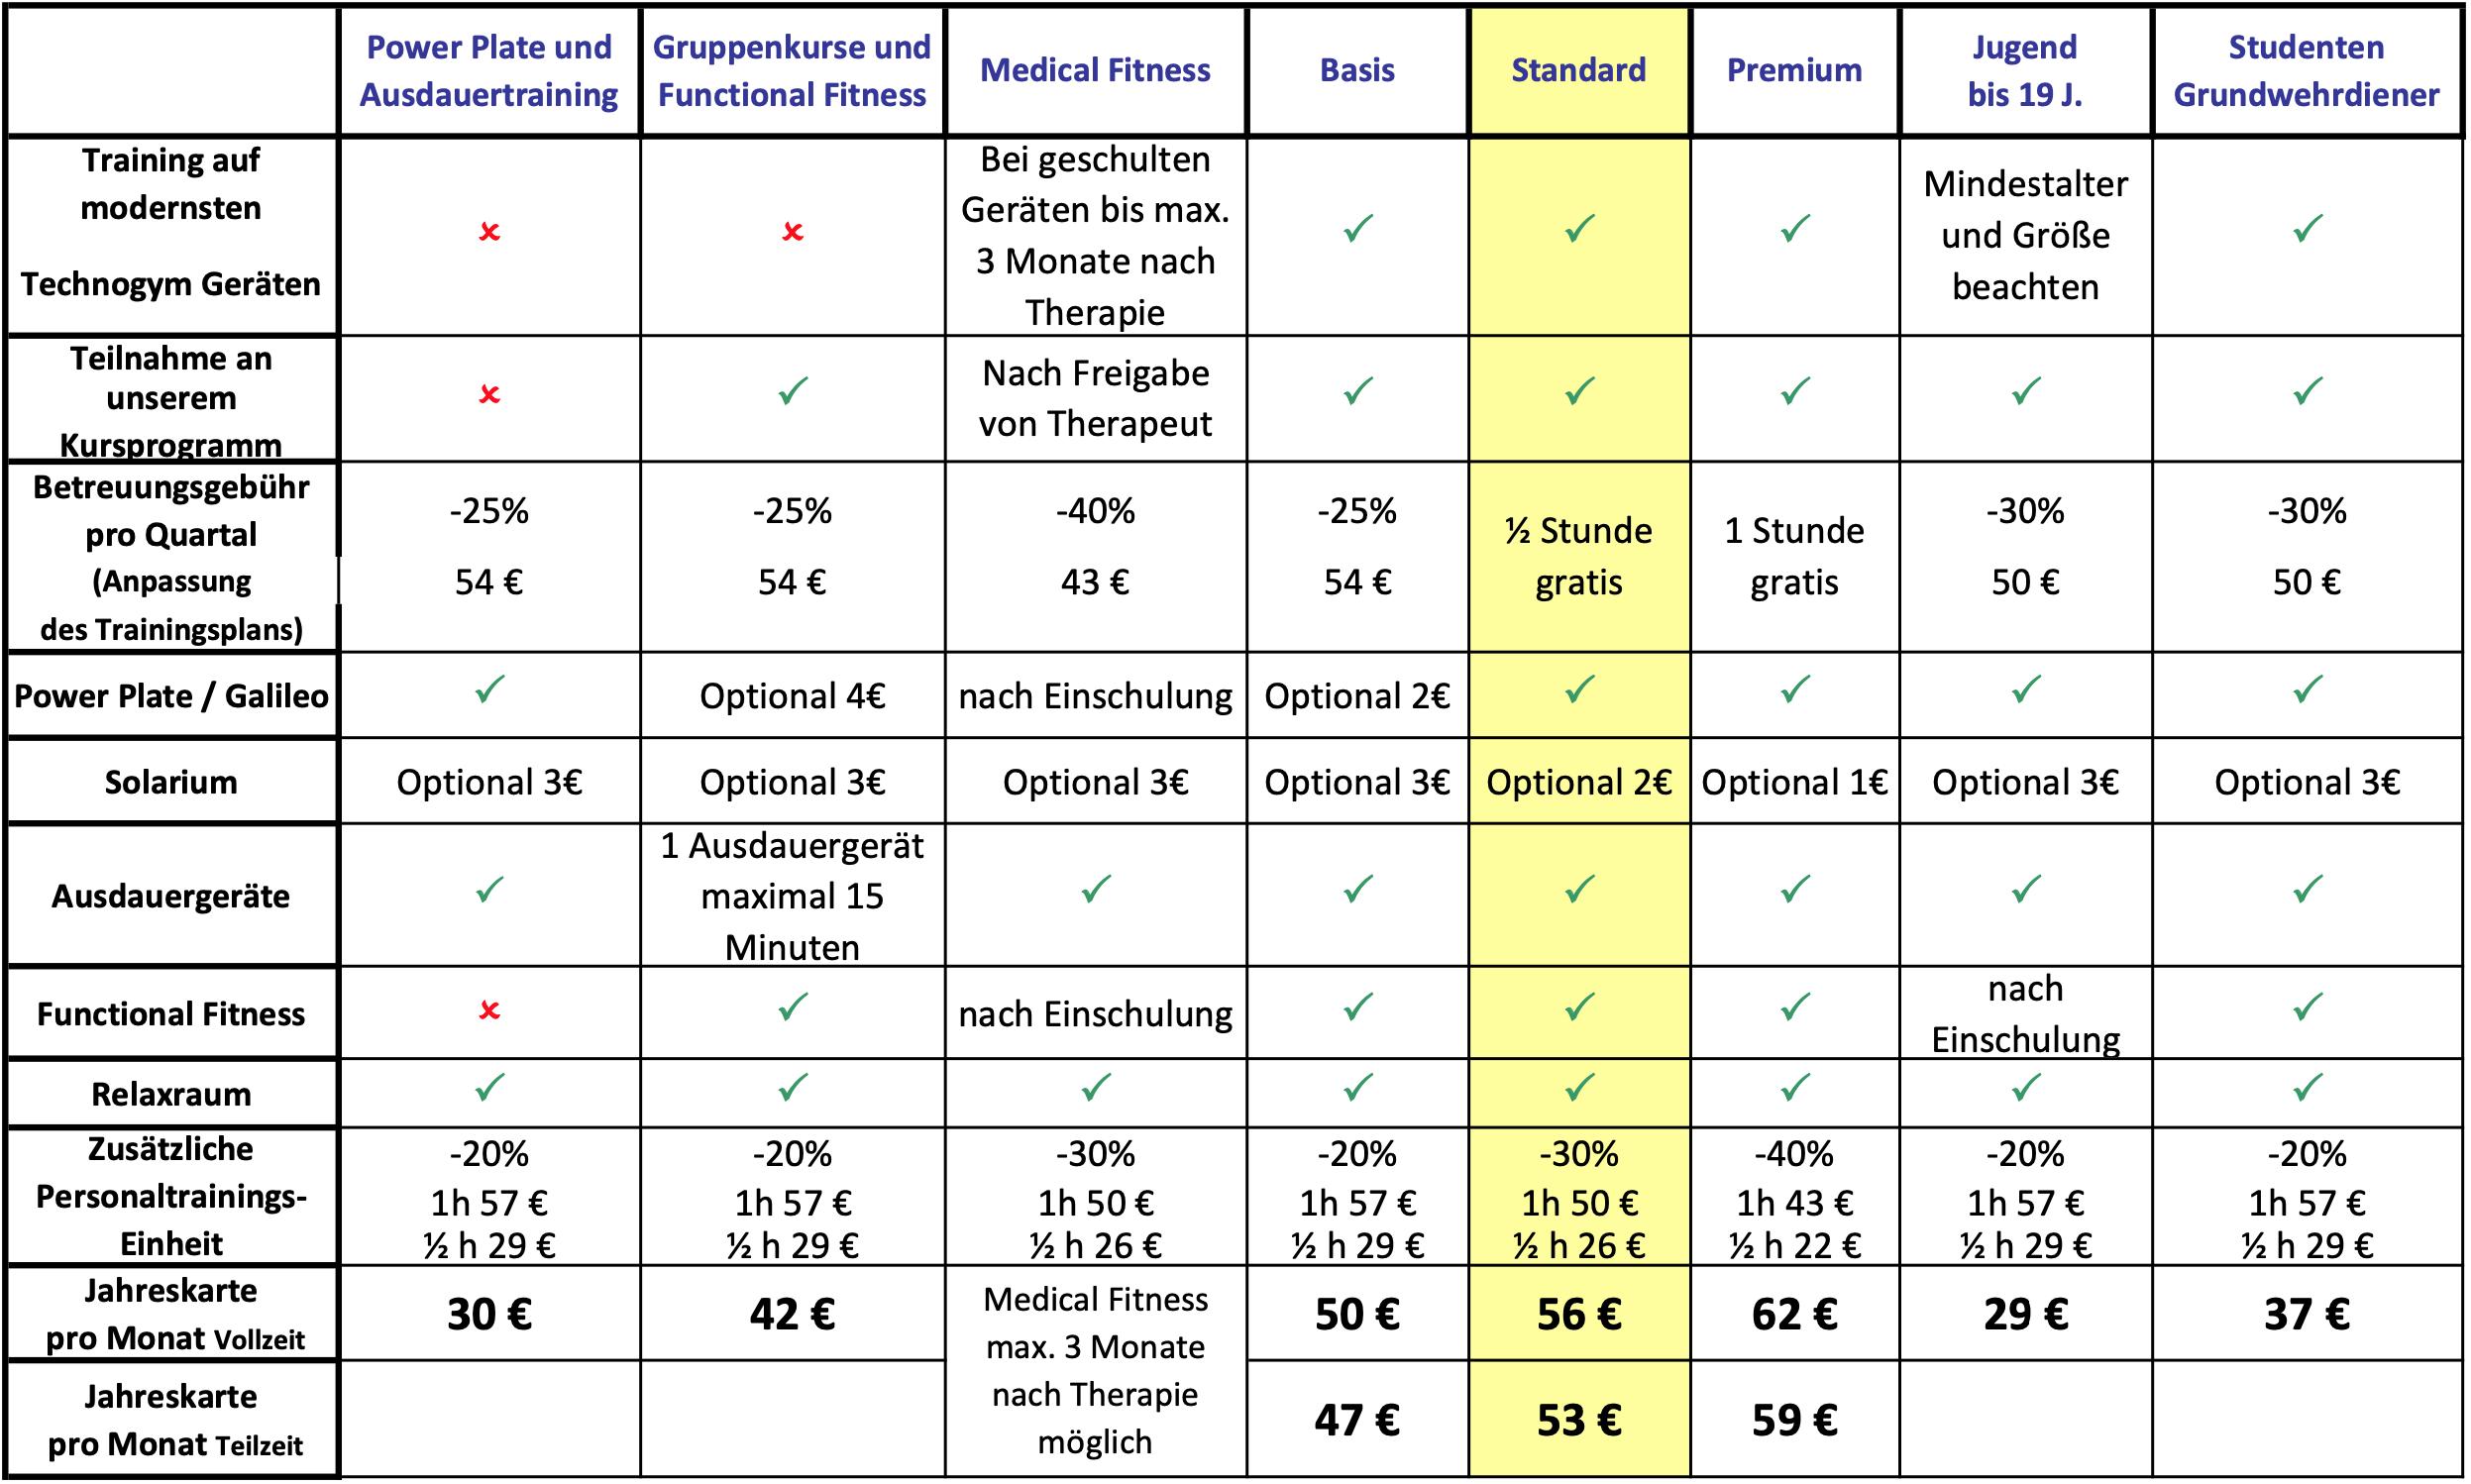 Preise Medizinisches Trainingszentrum Judenburg